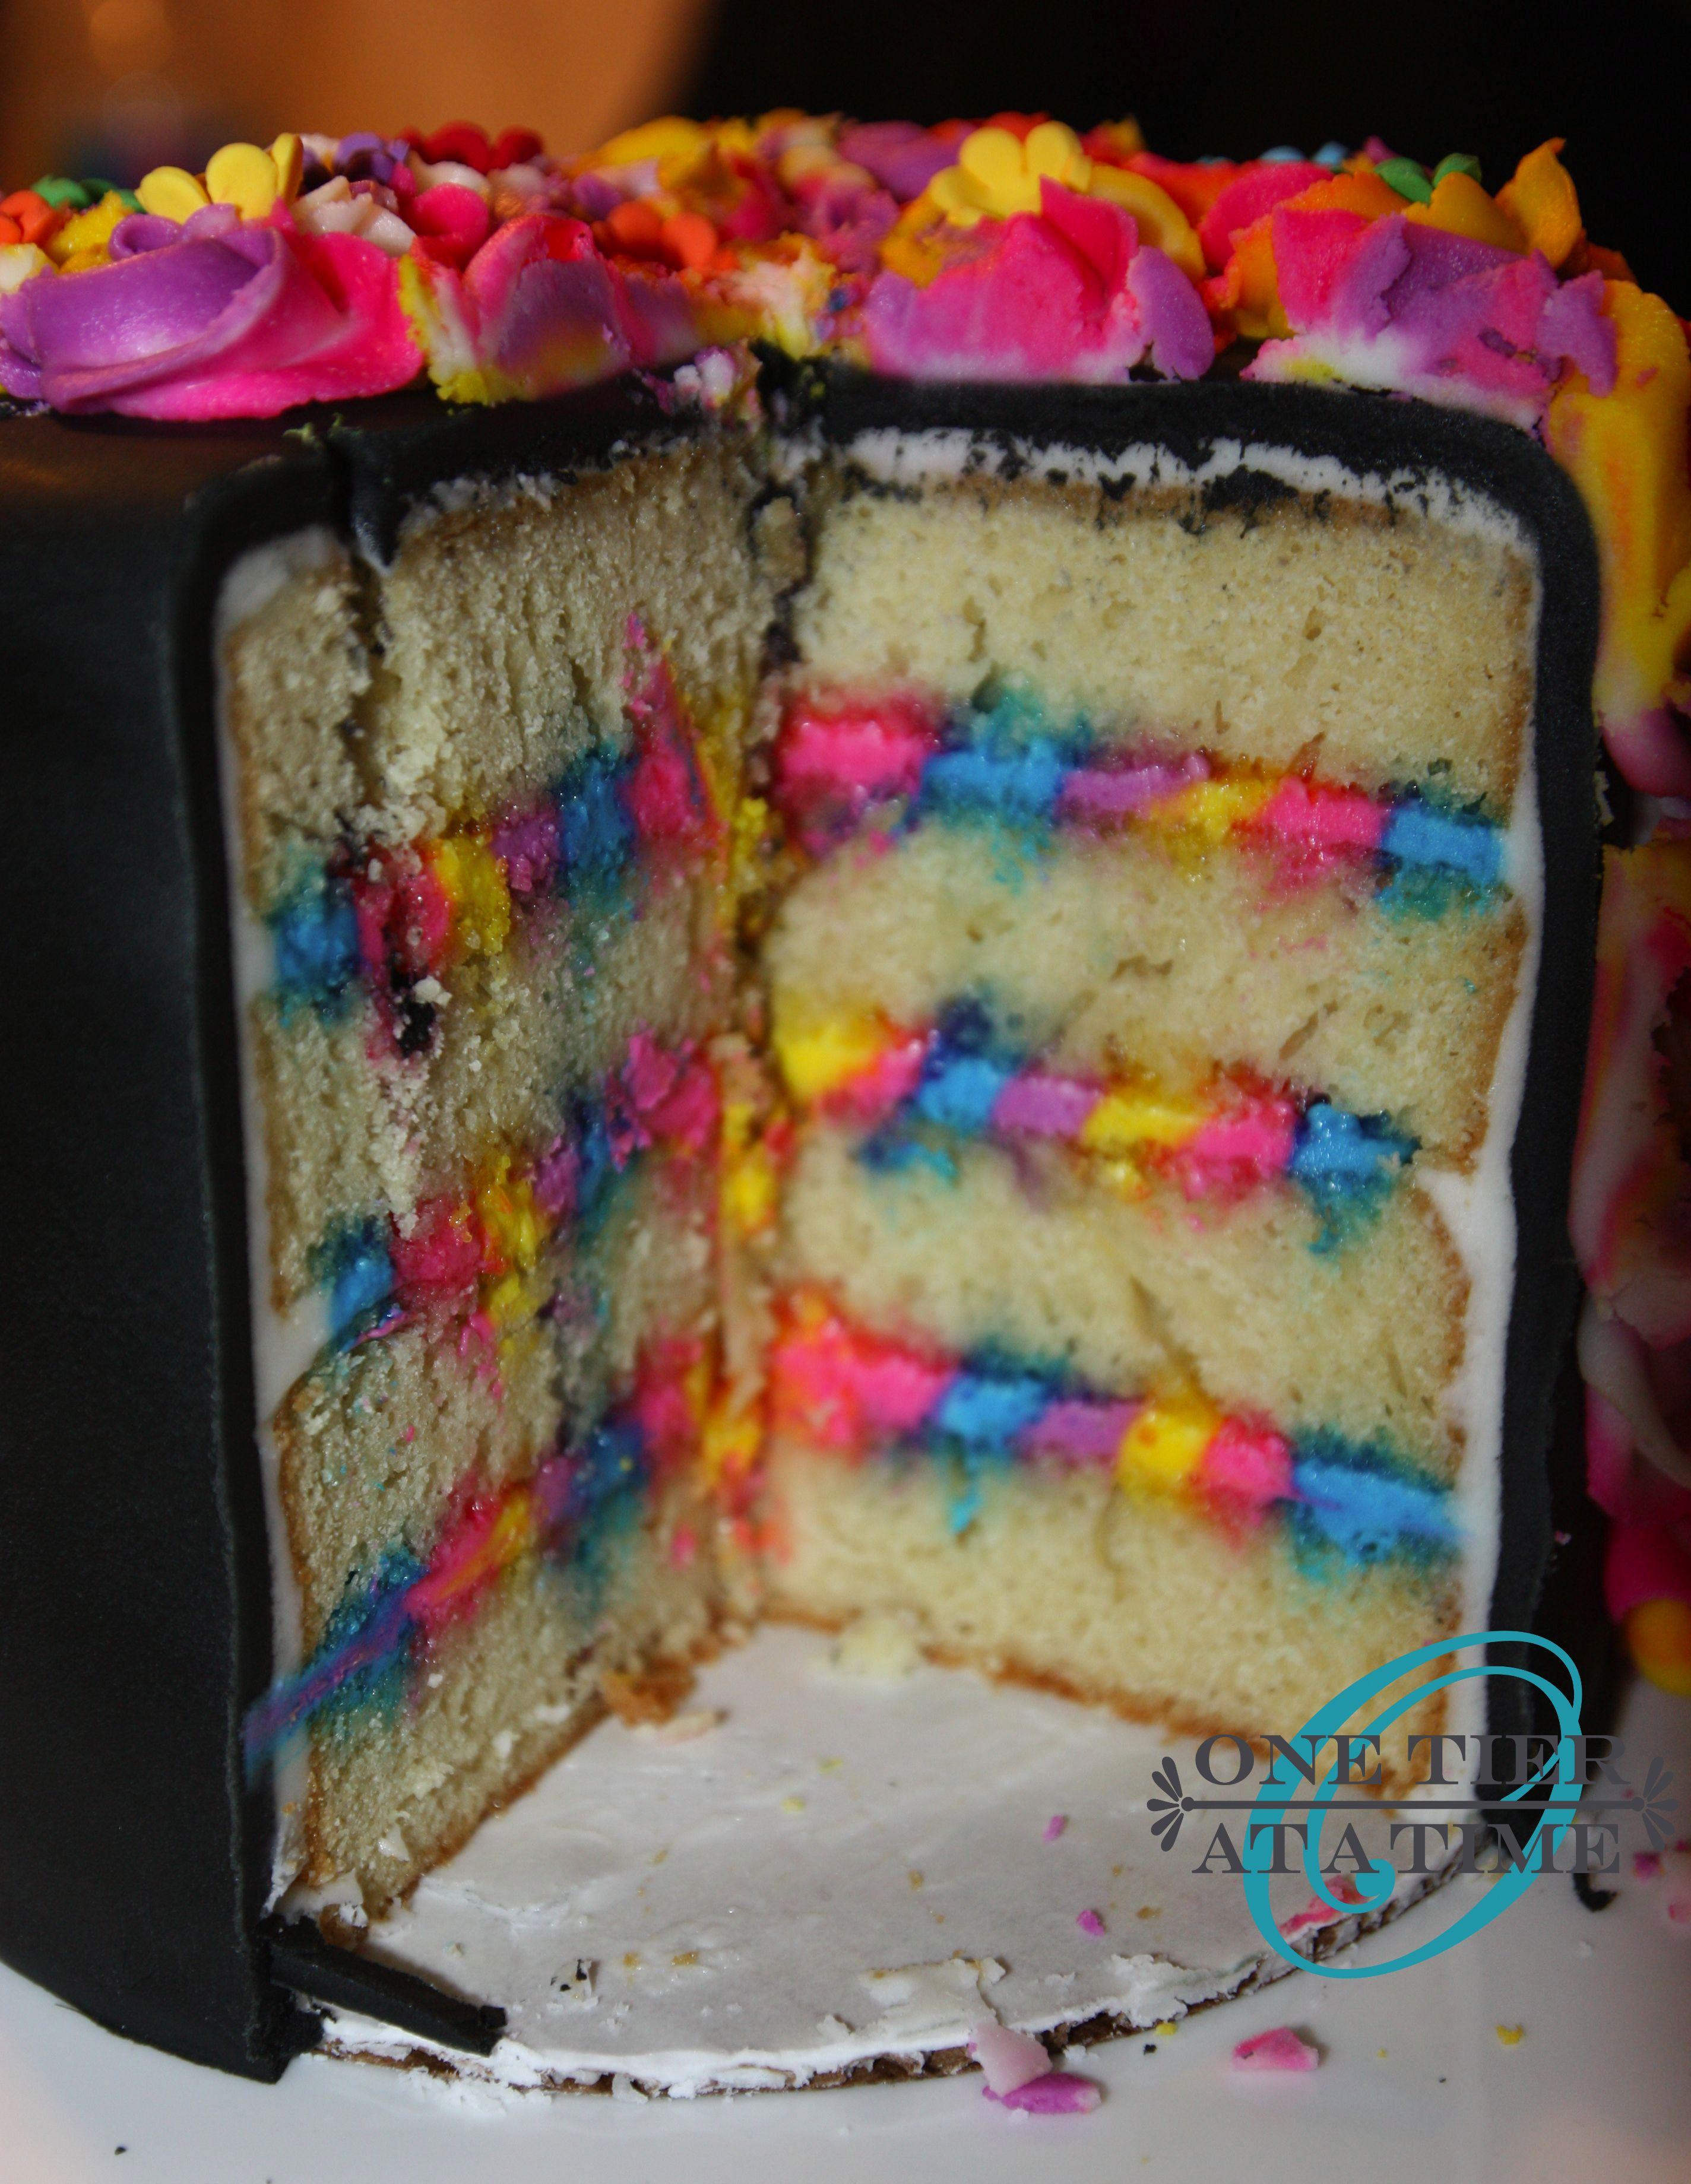 Black Unicorn Cake With Rainbow Icing Cake Cake Cake In 2018